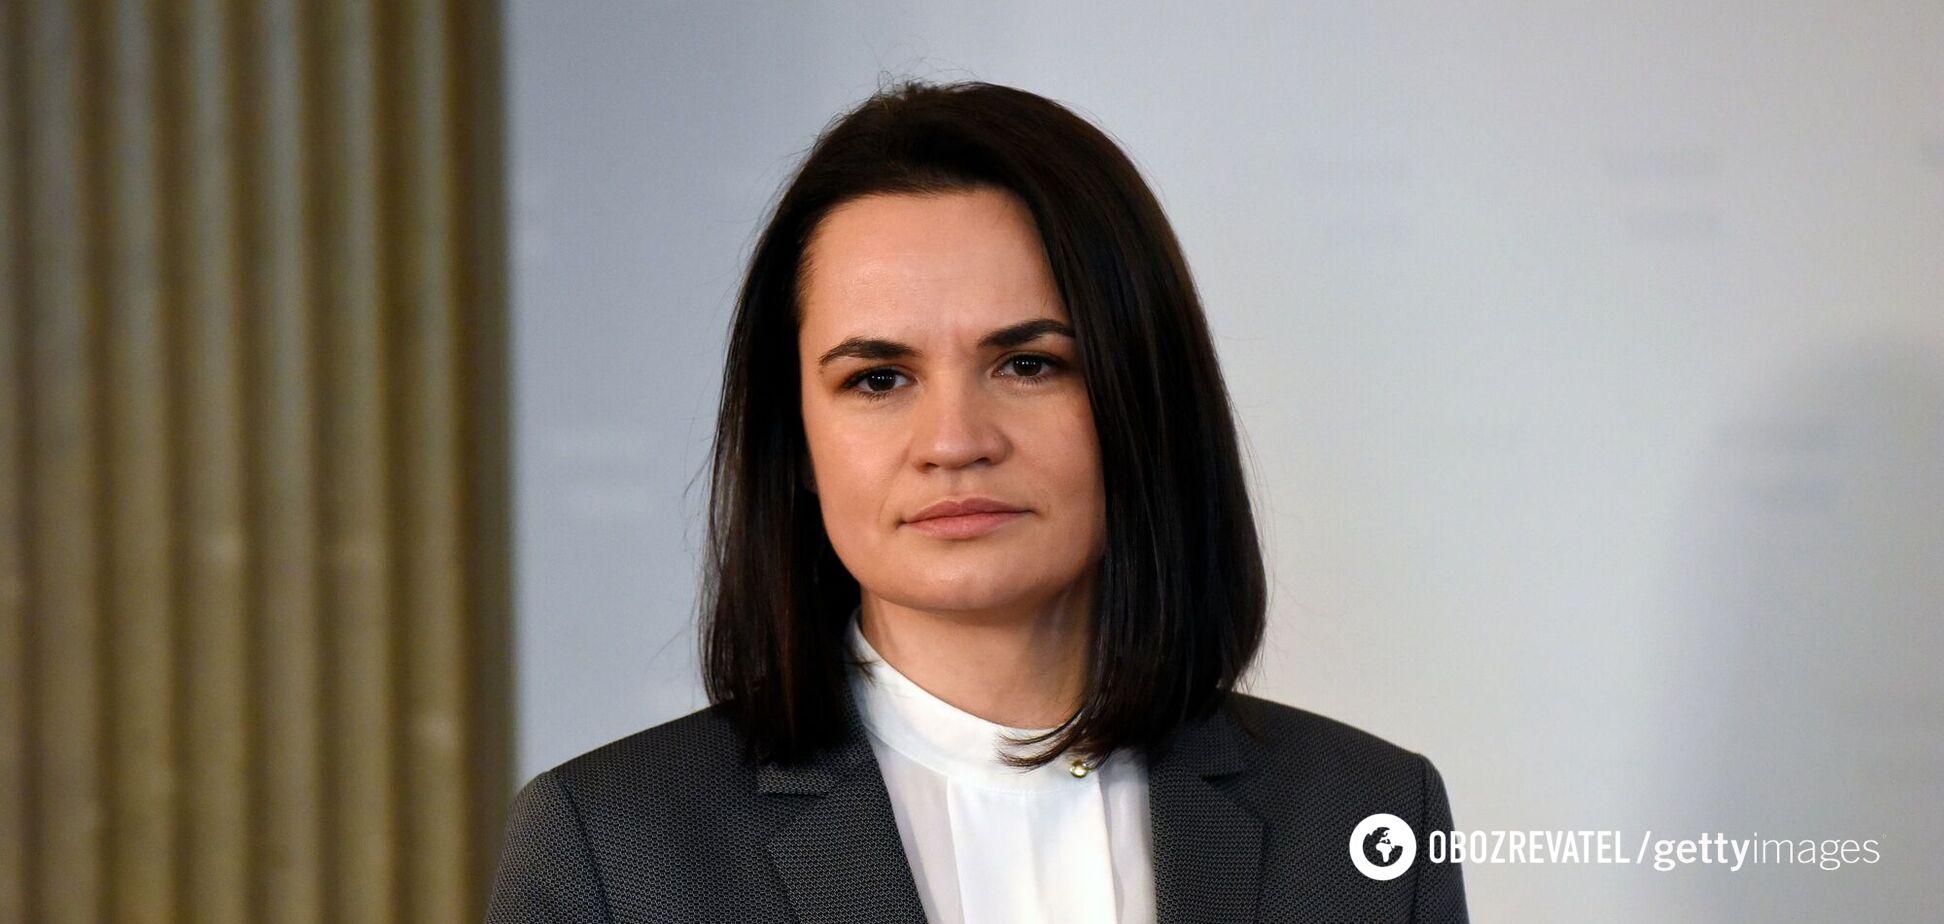 Белорусская оппозиционерка Светлана Тихановская